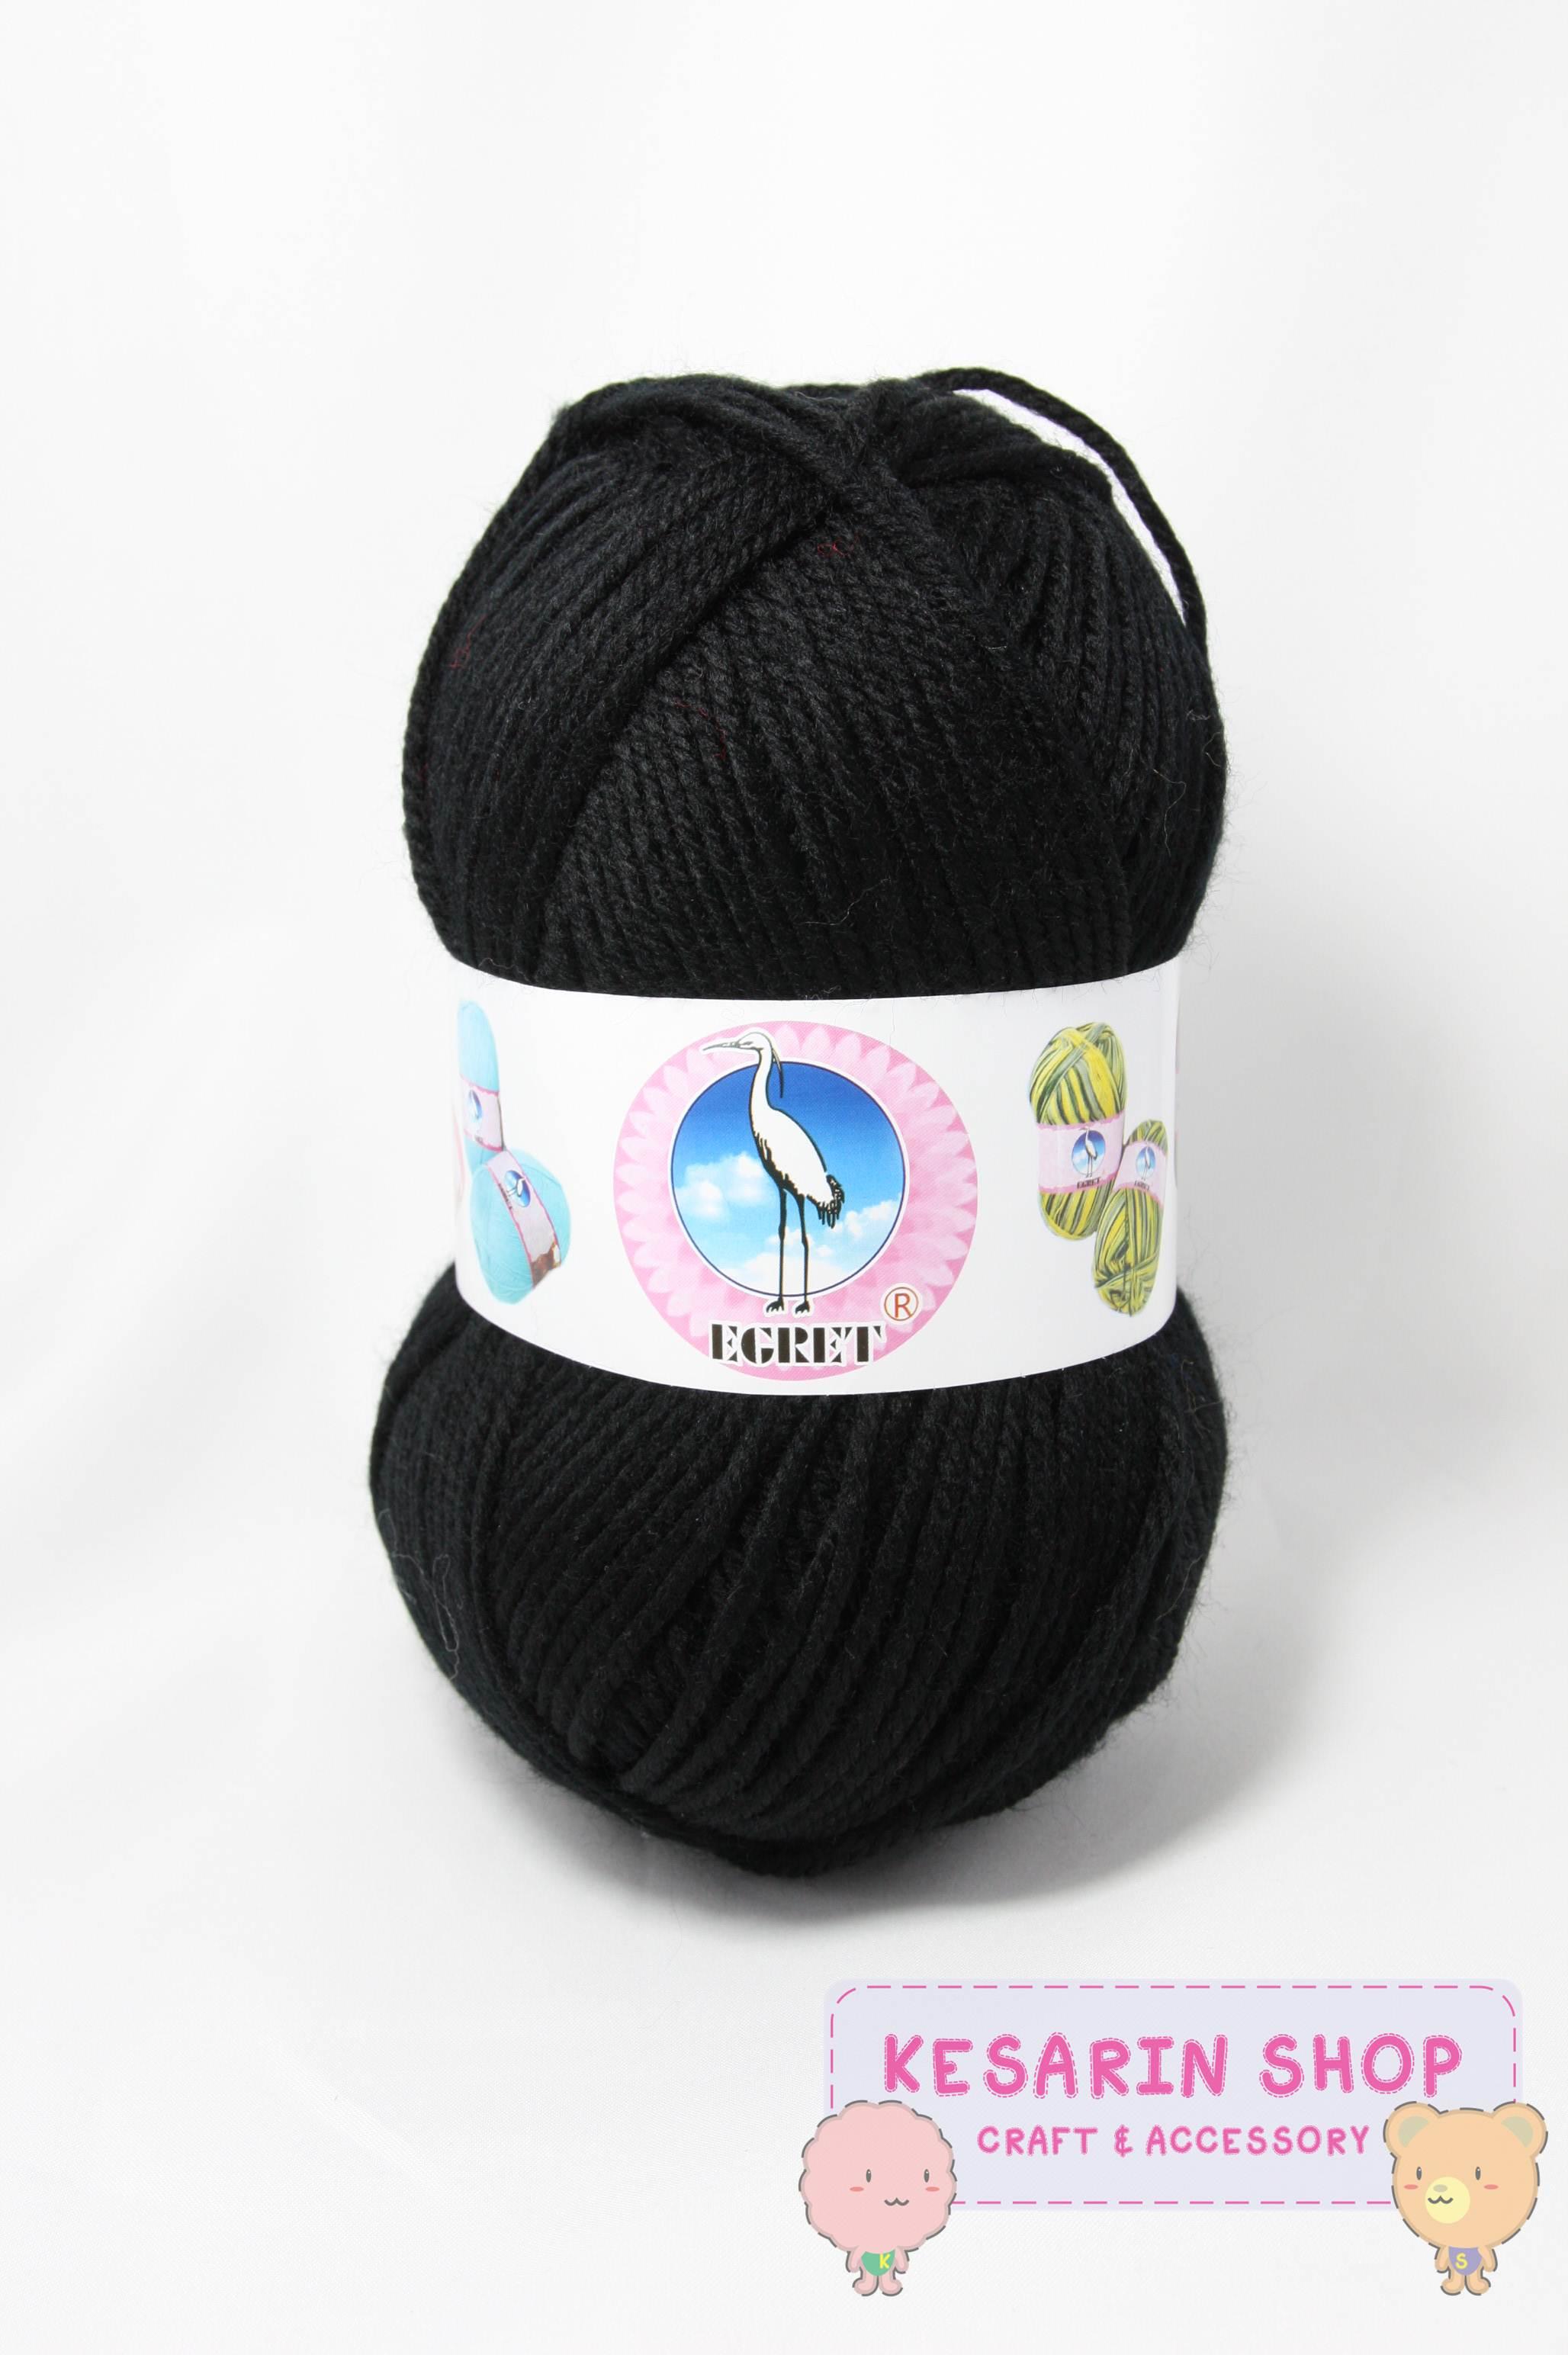 ไหมพรม Egret 200กรัม (สีดำ)